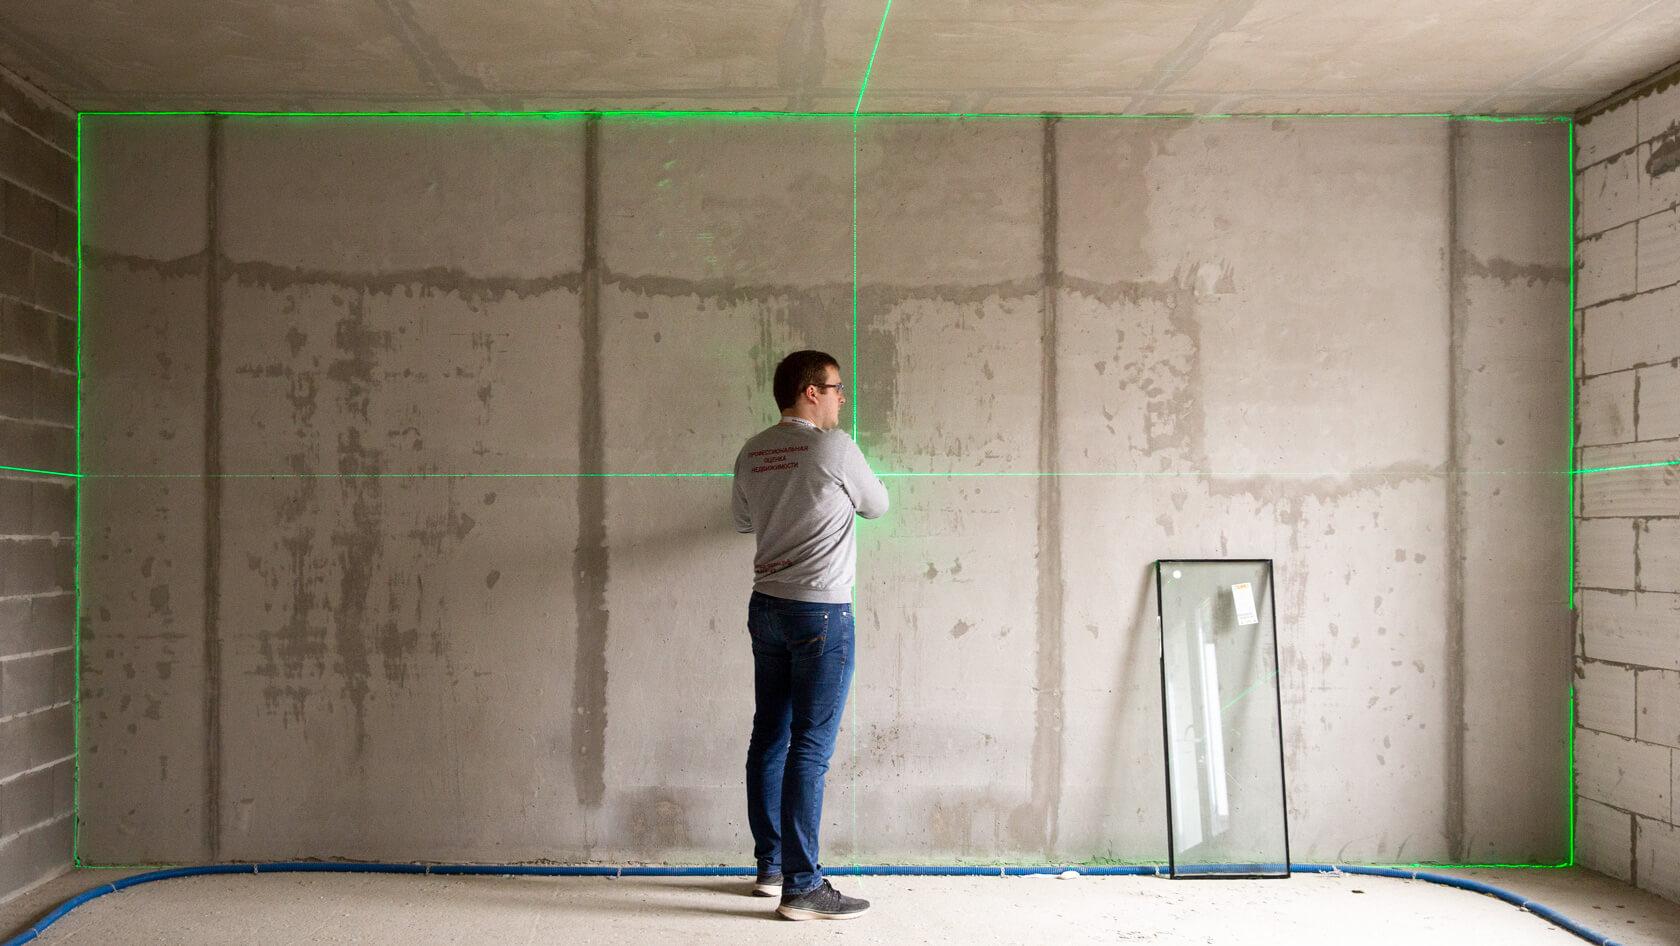 Для изготовления техплана кадастровый инженер проводит цикл обследований, замеров в помещении.